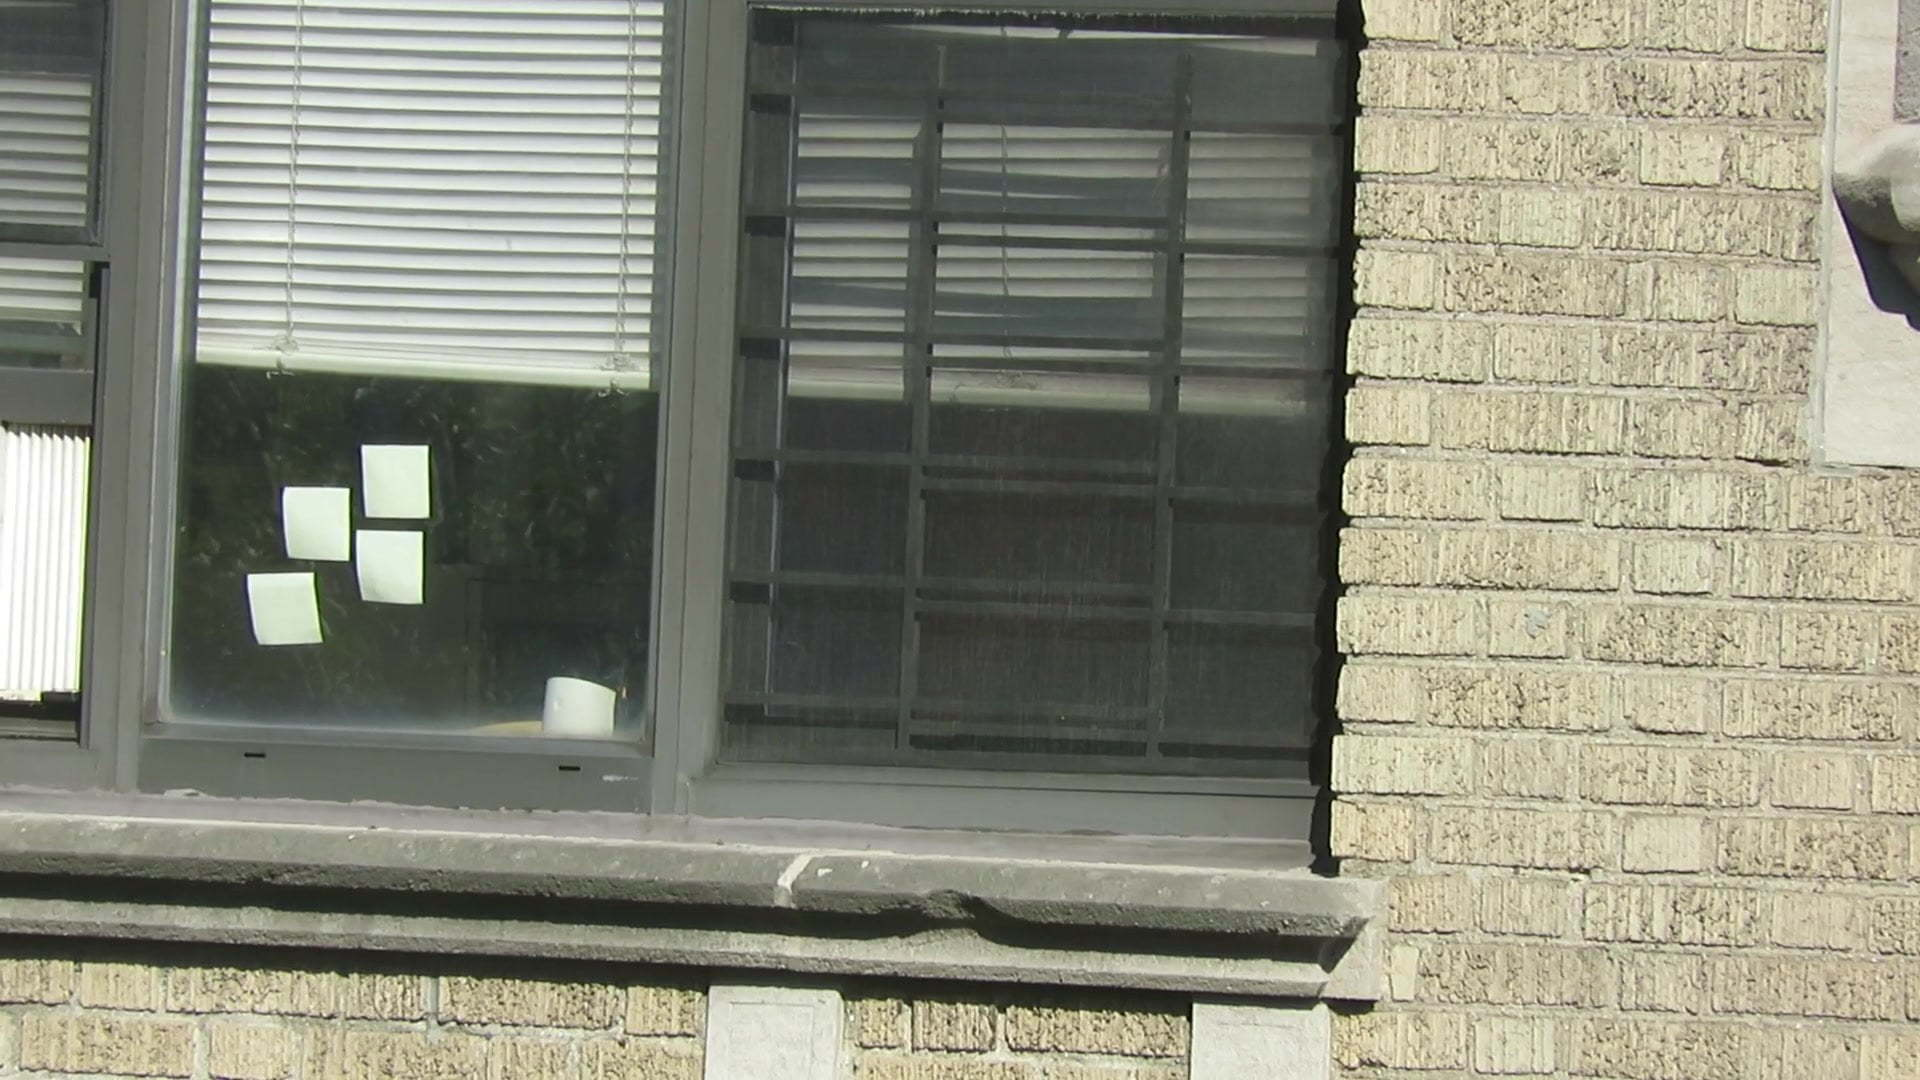 Amateur Next Door Neighbor